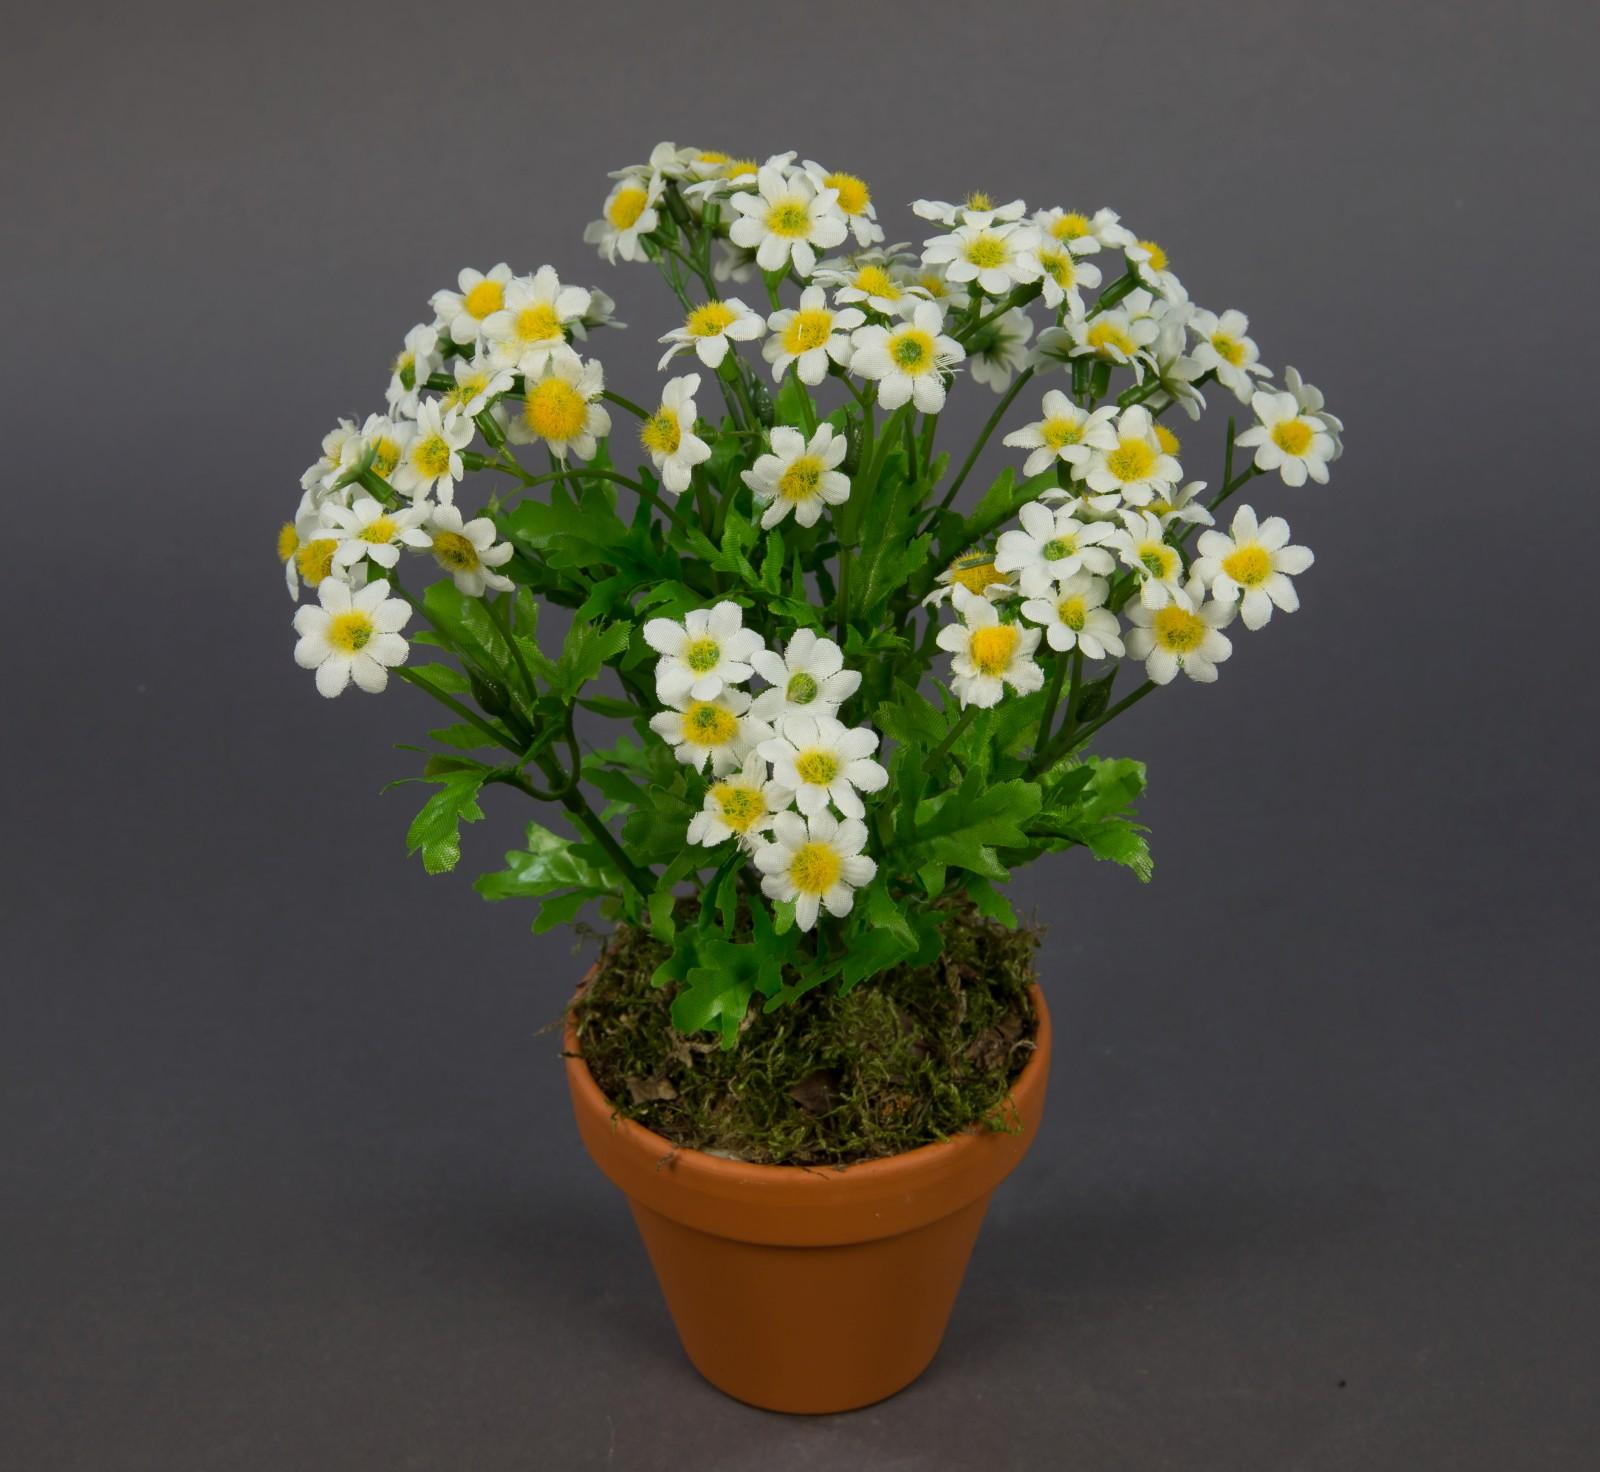 kamillenbusch 25cm im topf cg k nstliche blumen kunstblumen kunstpflanzen ebay. Black Bedroom Furniture Sets. Home Design Ideas